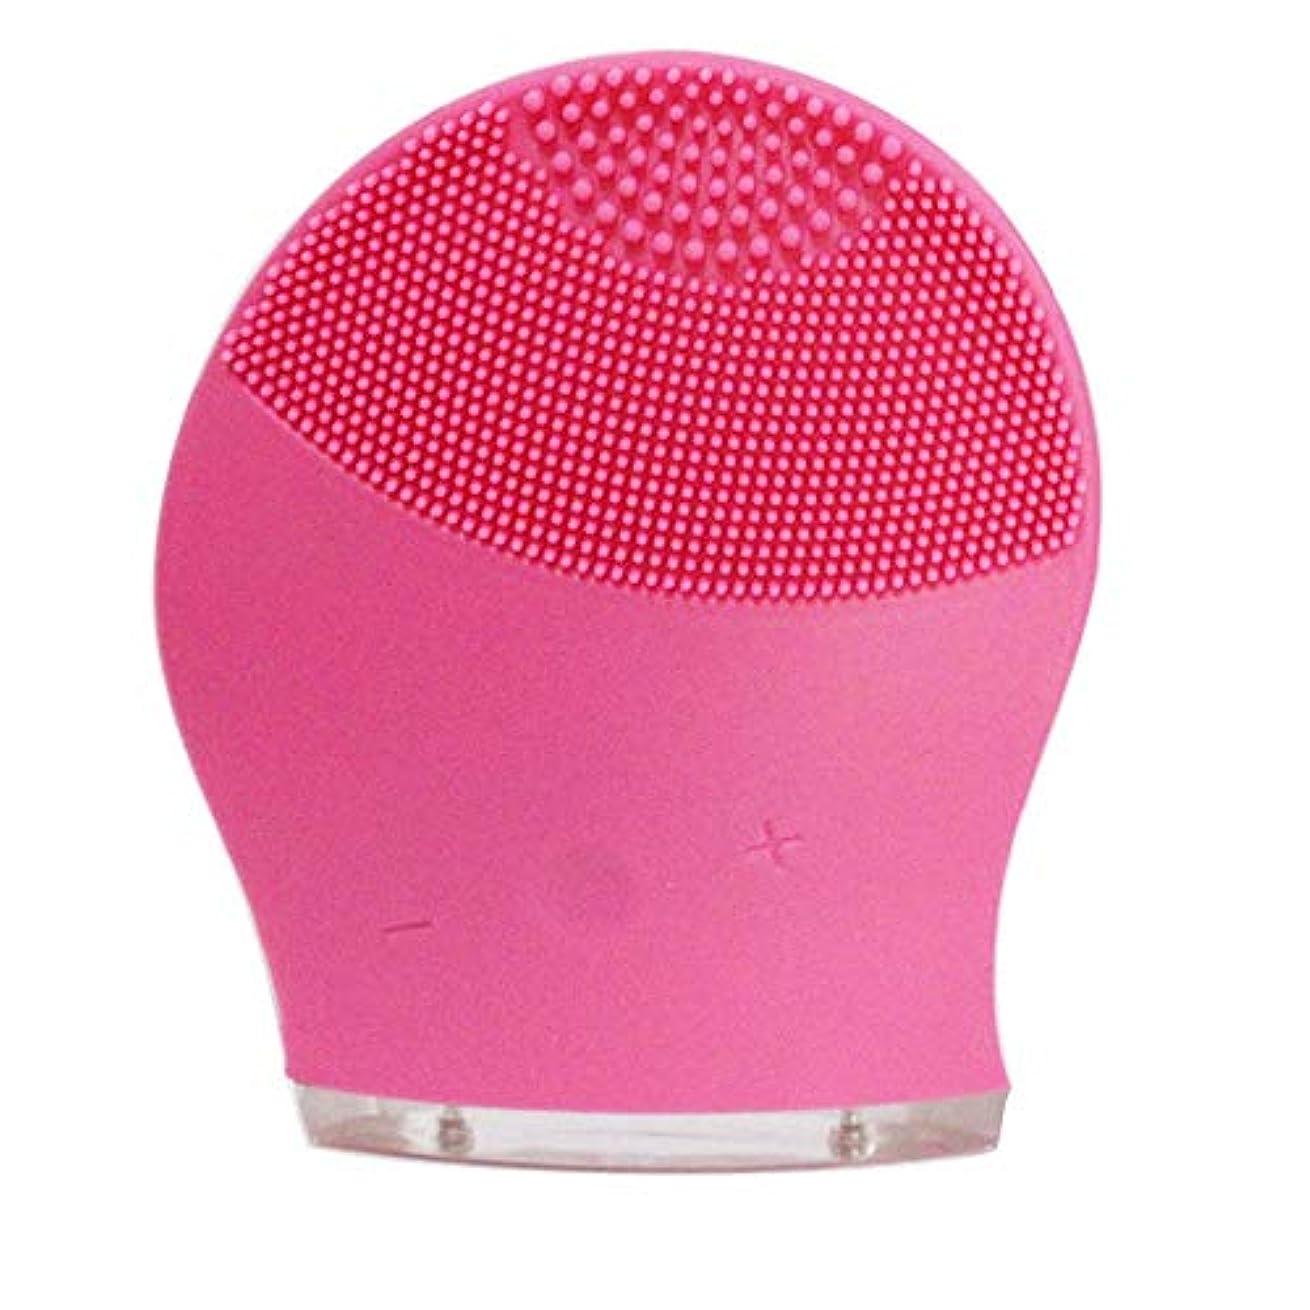 大量同種の一月ZXF 新電気洗浄器シリコーン洗浄器超音波振動洗浄ブラシUSB充電毛穴洗浄 滑らかである (色 : Red)